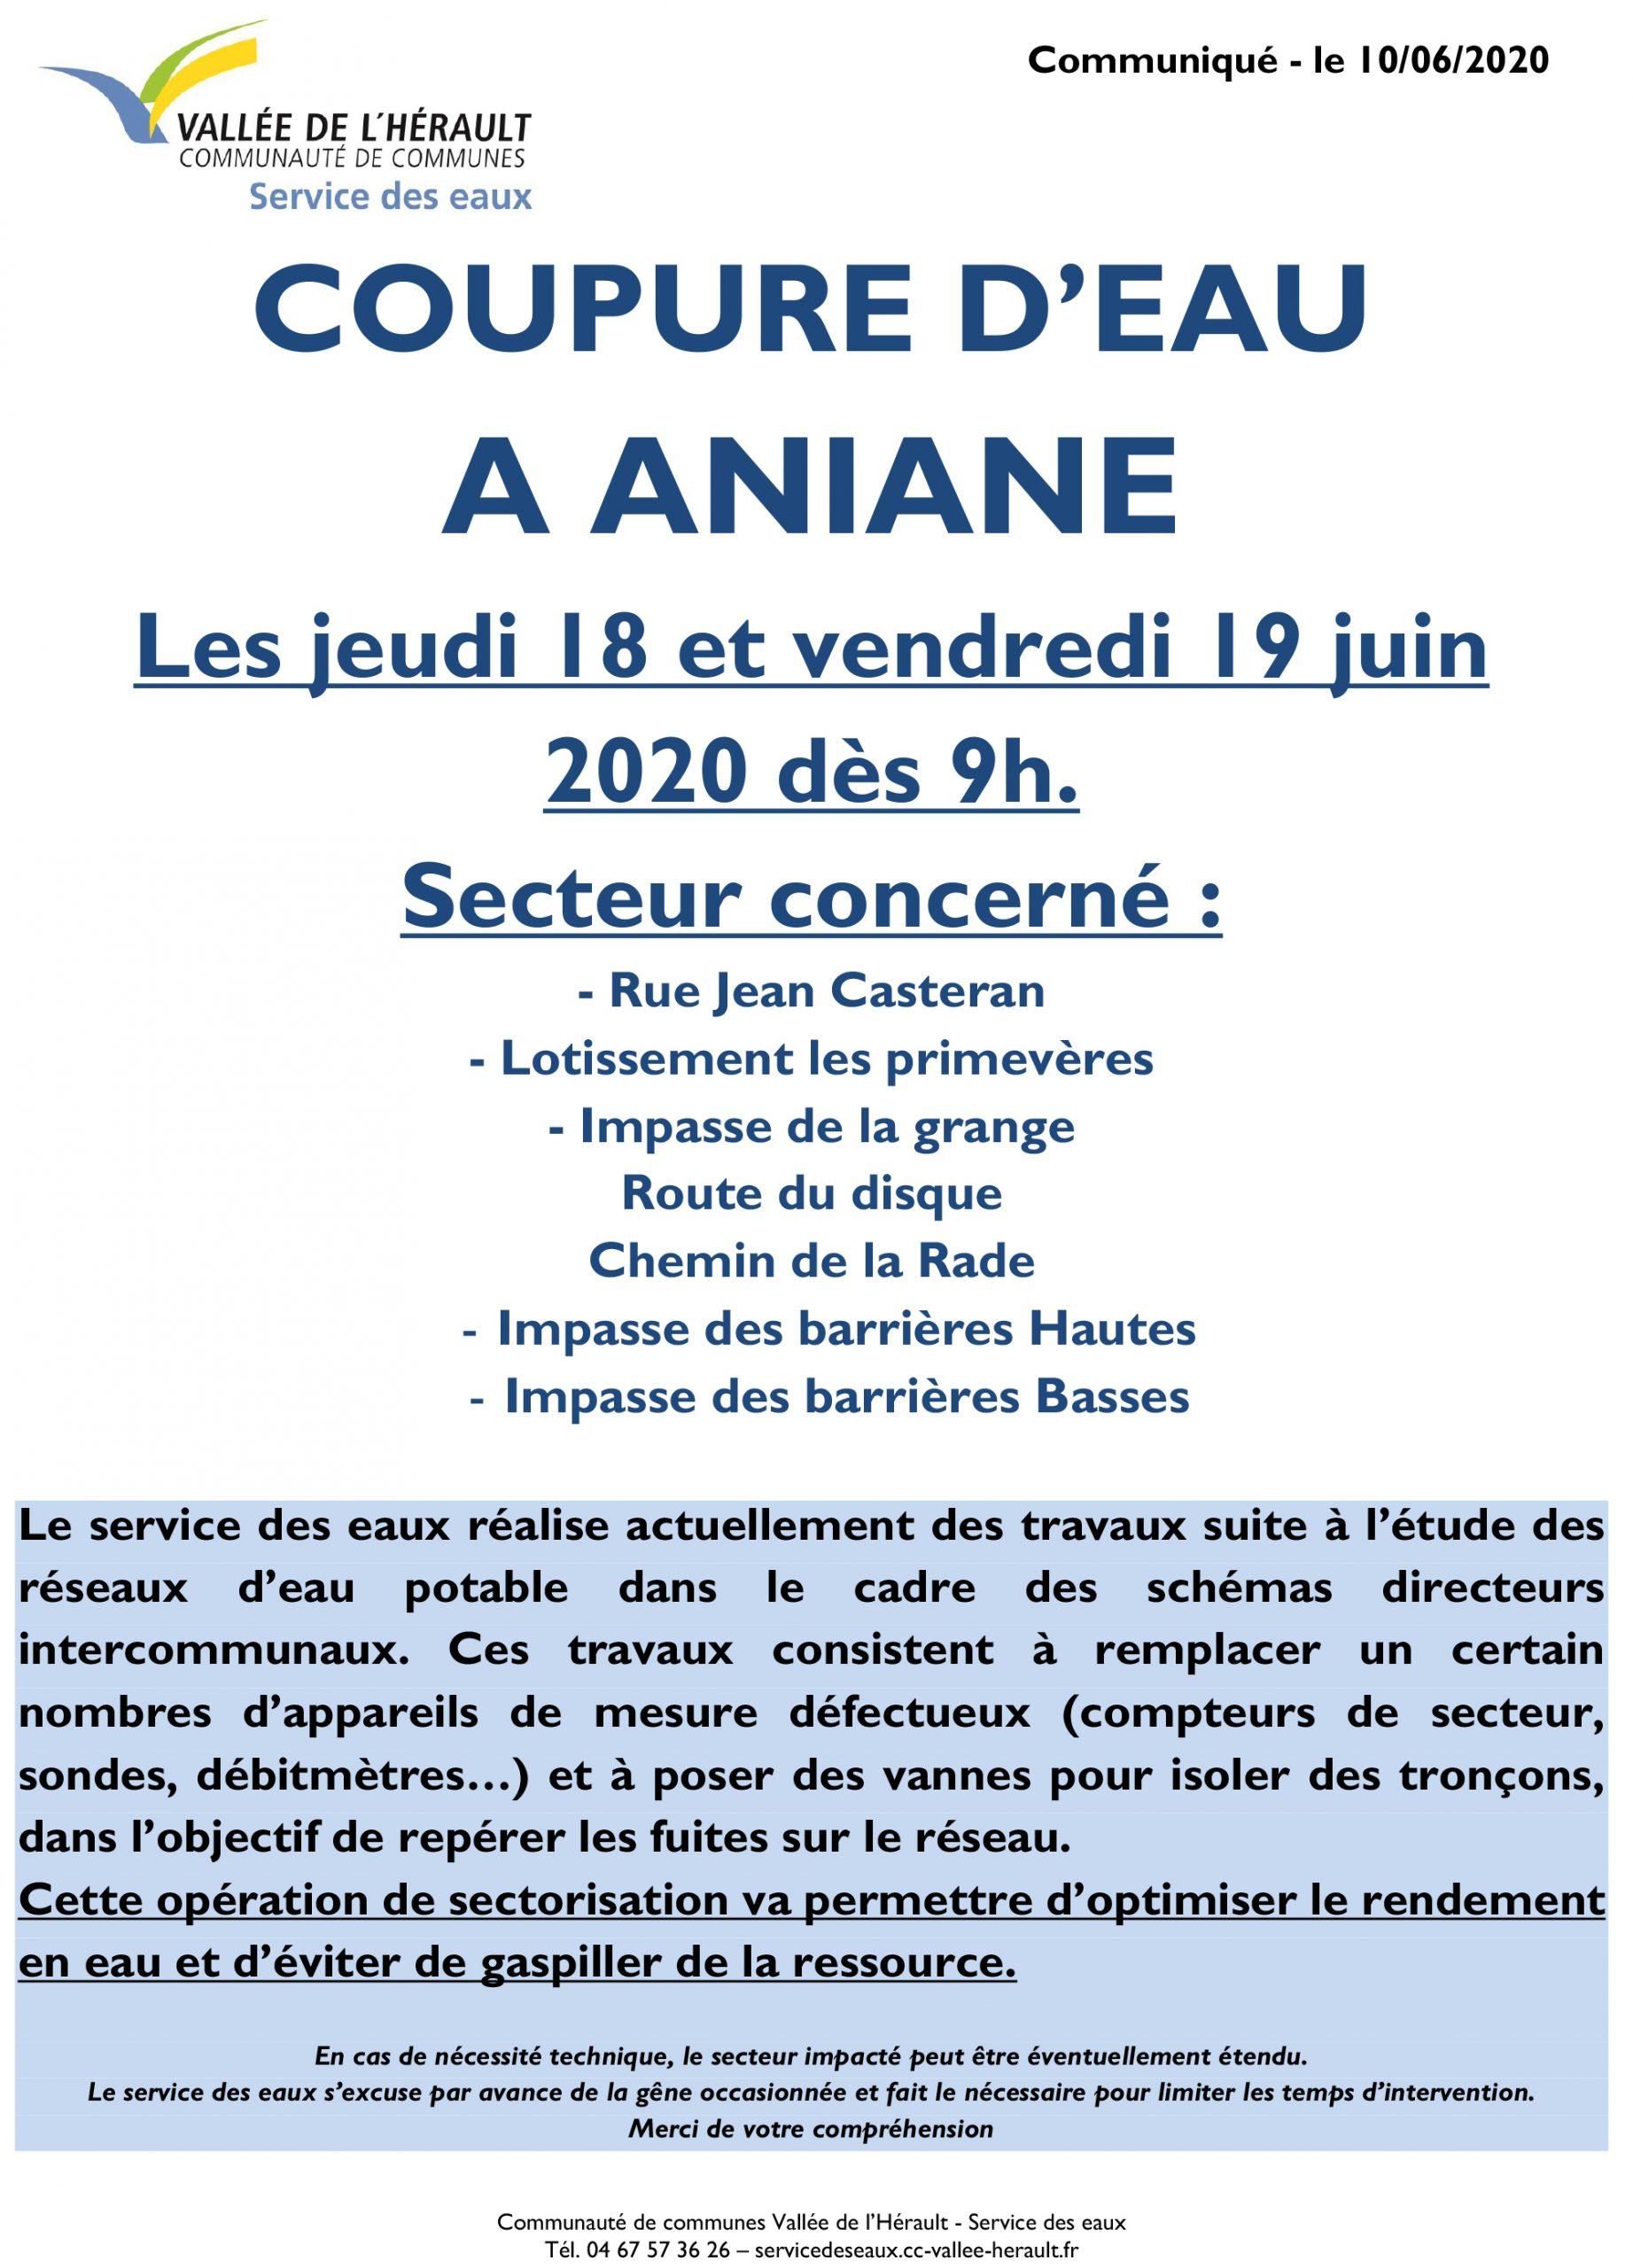 Communiqué Coupure eau 18 et 19 06 2020 Aniane